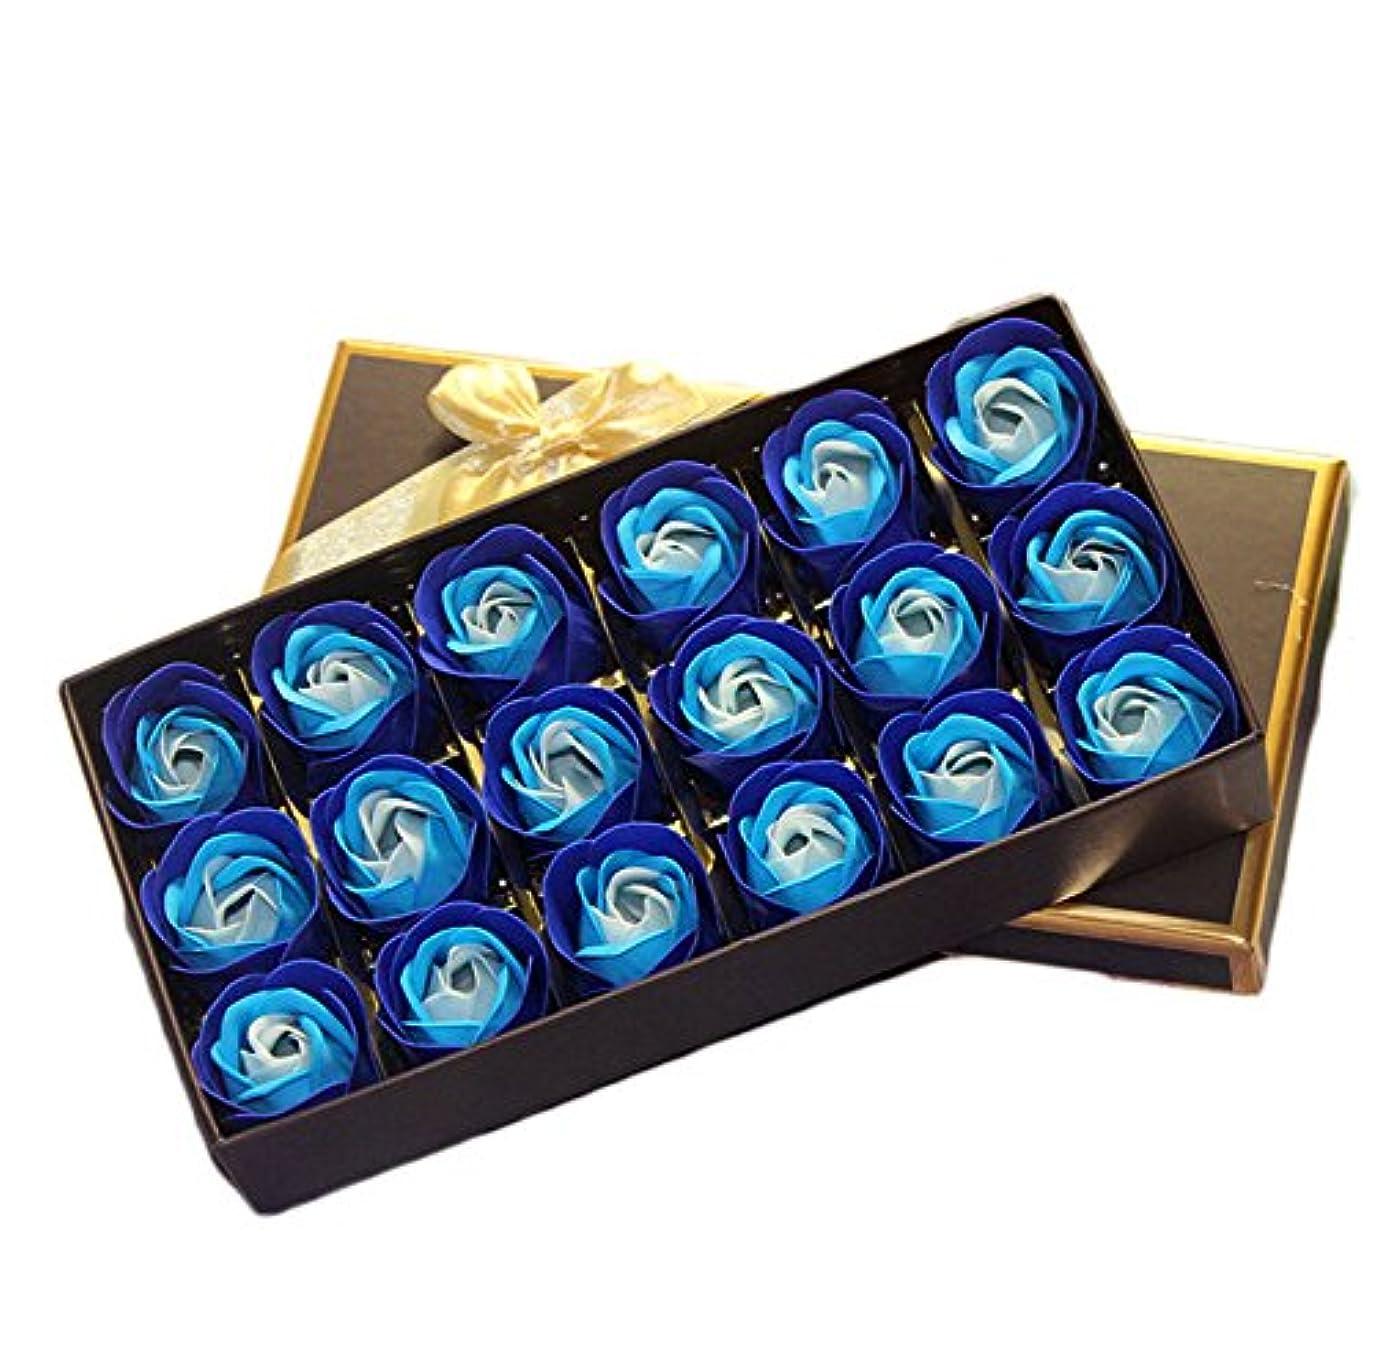 したがって大統領原理18個バラ型 フラワーソープ ギフトボックス入り 石鹸 花 バラ セット 手作り 洗う 手 お風呂 香り 贈り物 (青 1)